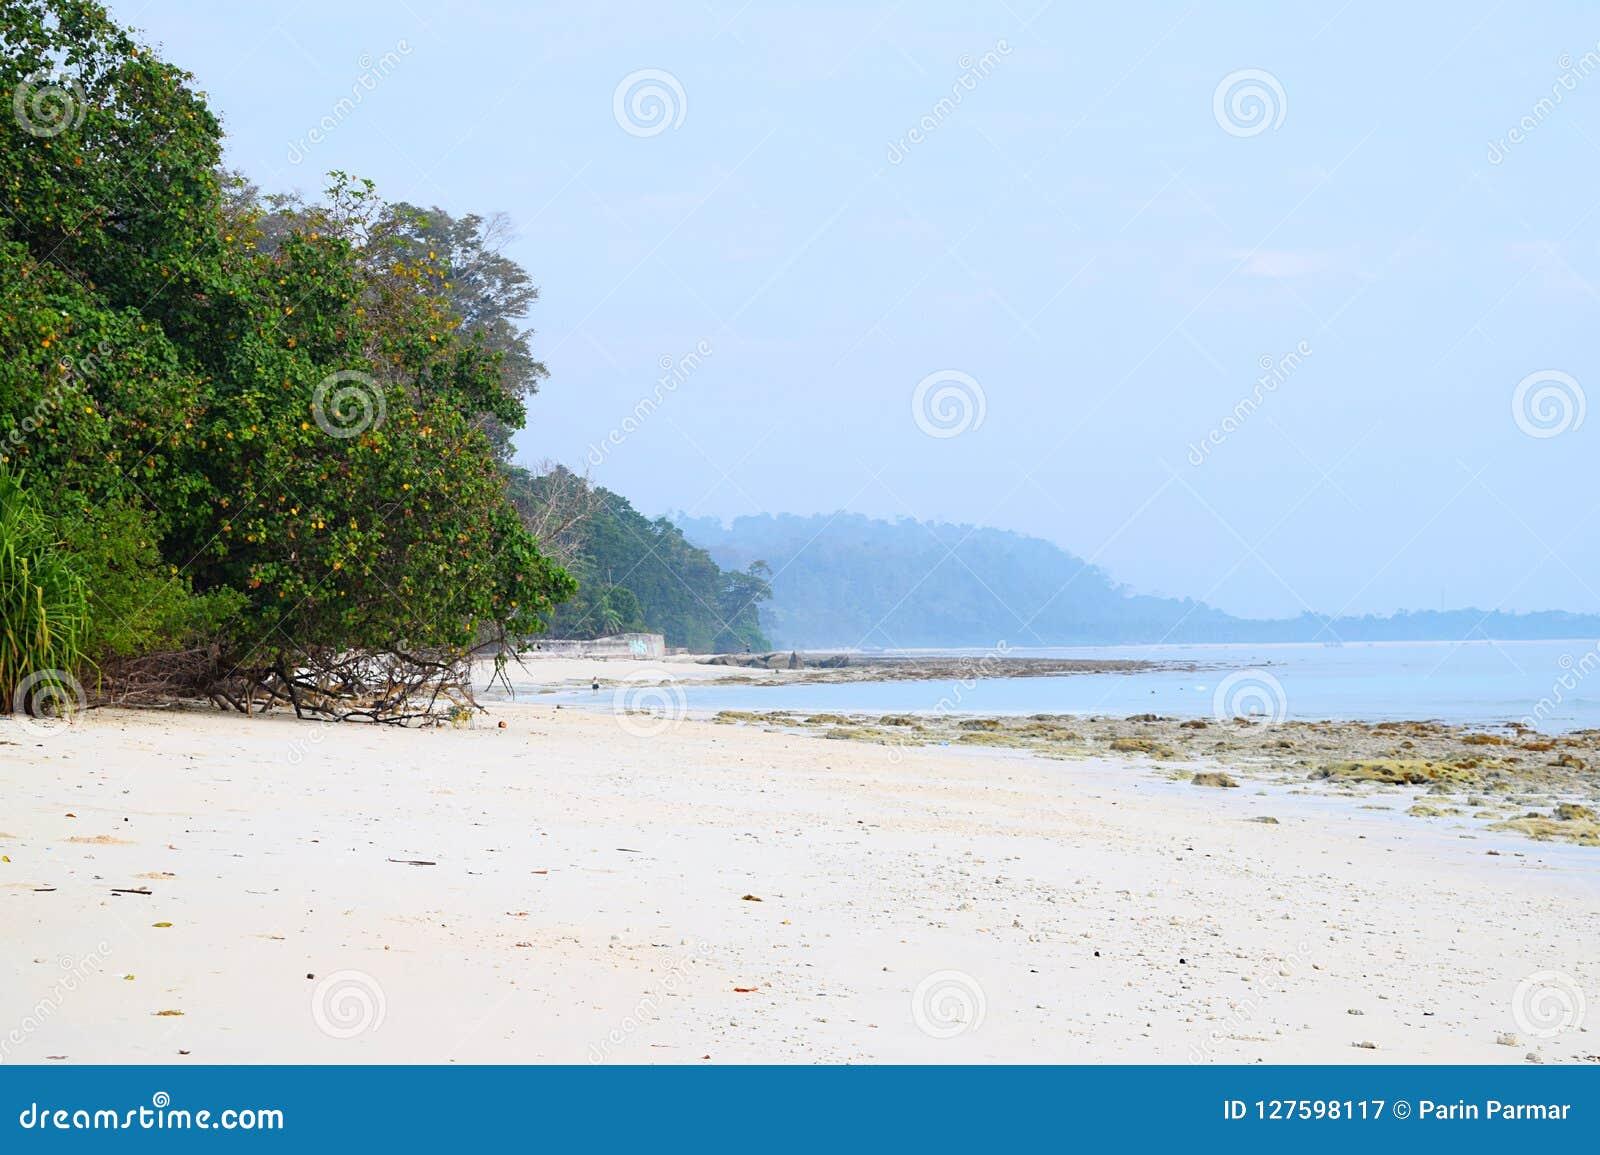 Sandy Beach bianco incontaminato e tranquillo con gli alberi della mangrovia con Azure Sea Water ed il chiaro cielo - Kalapathar,